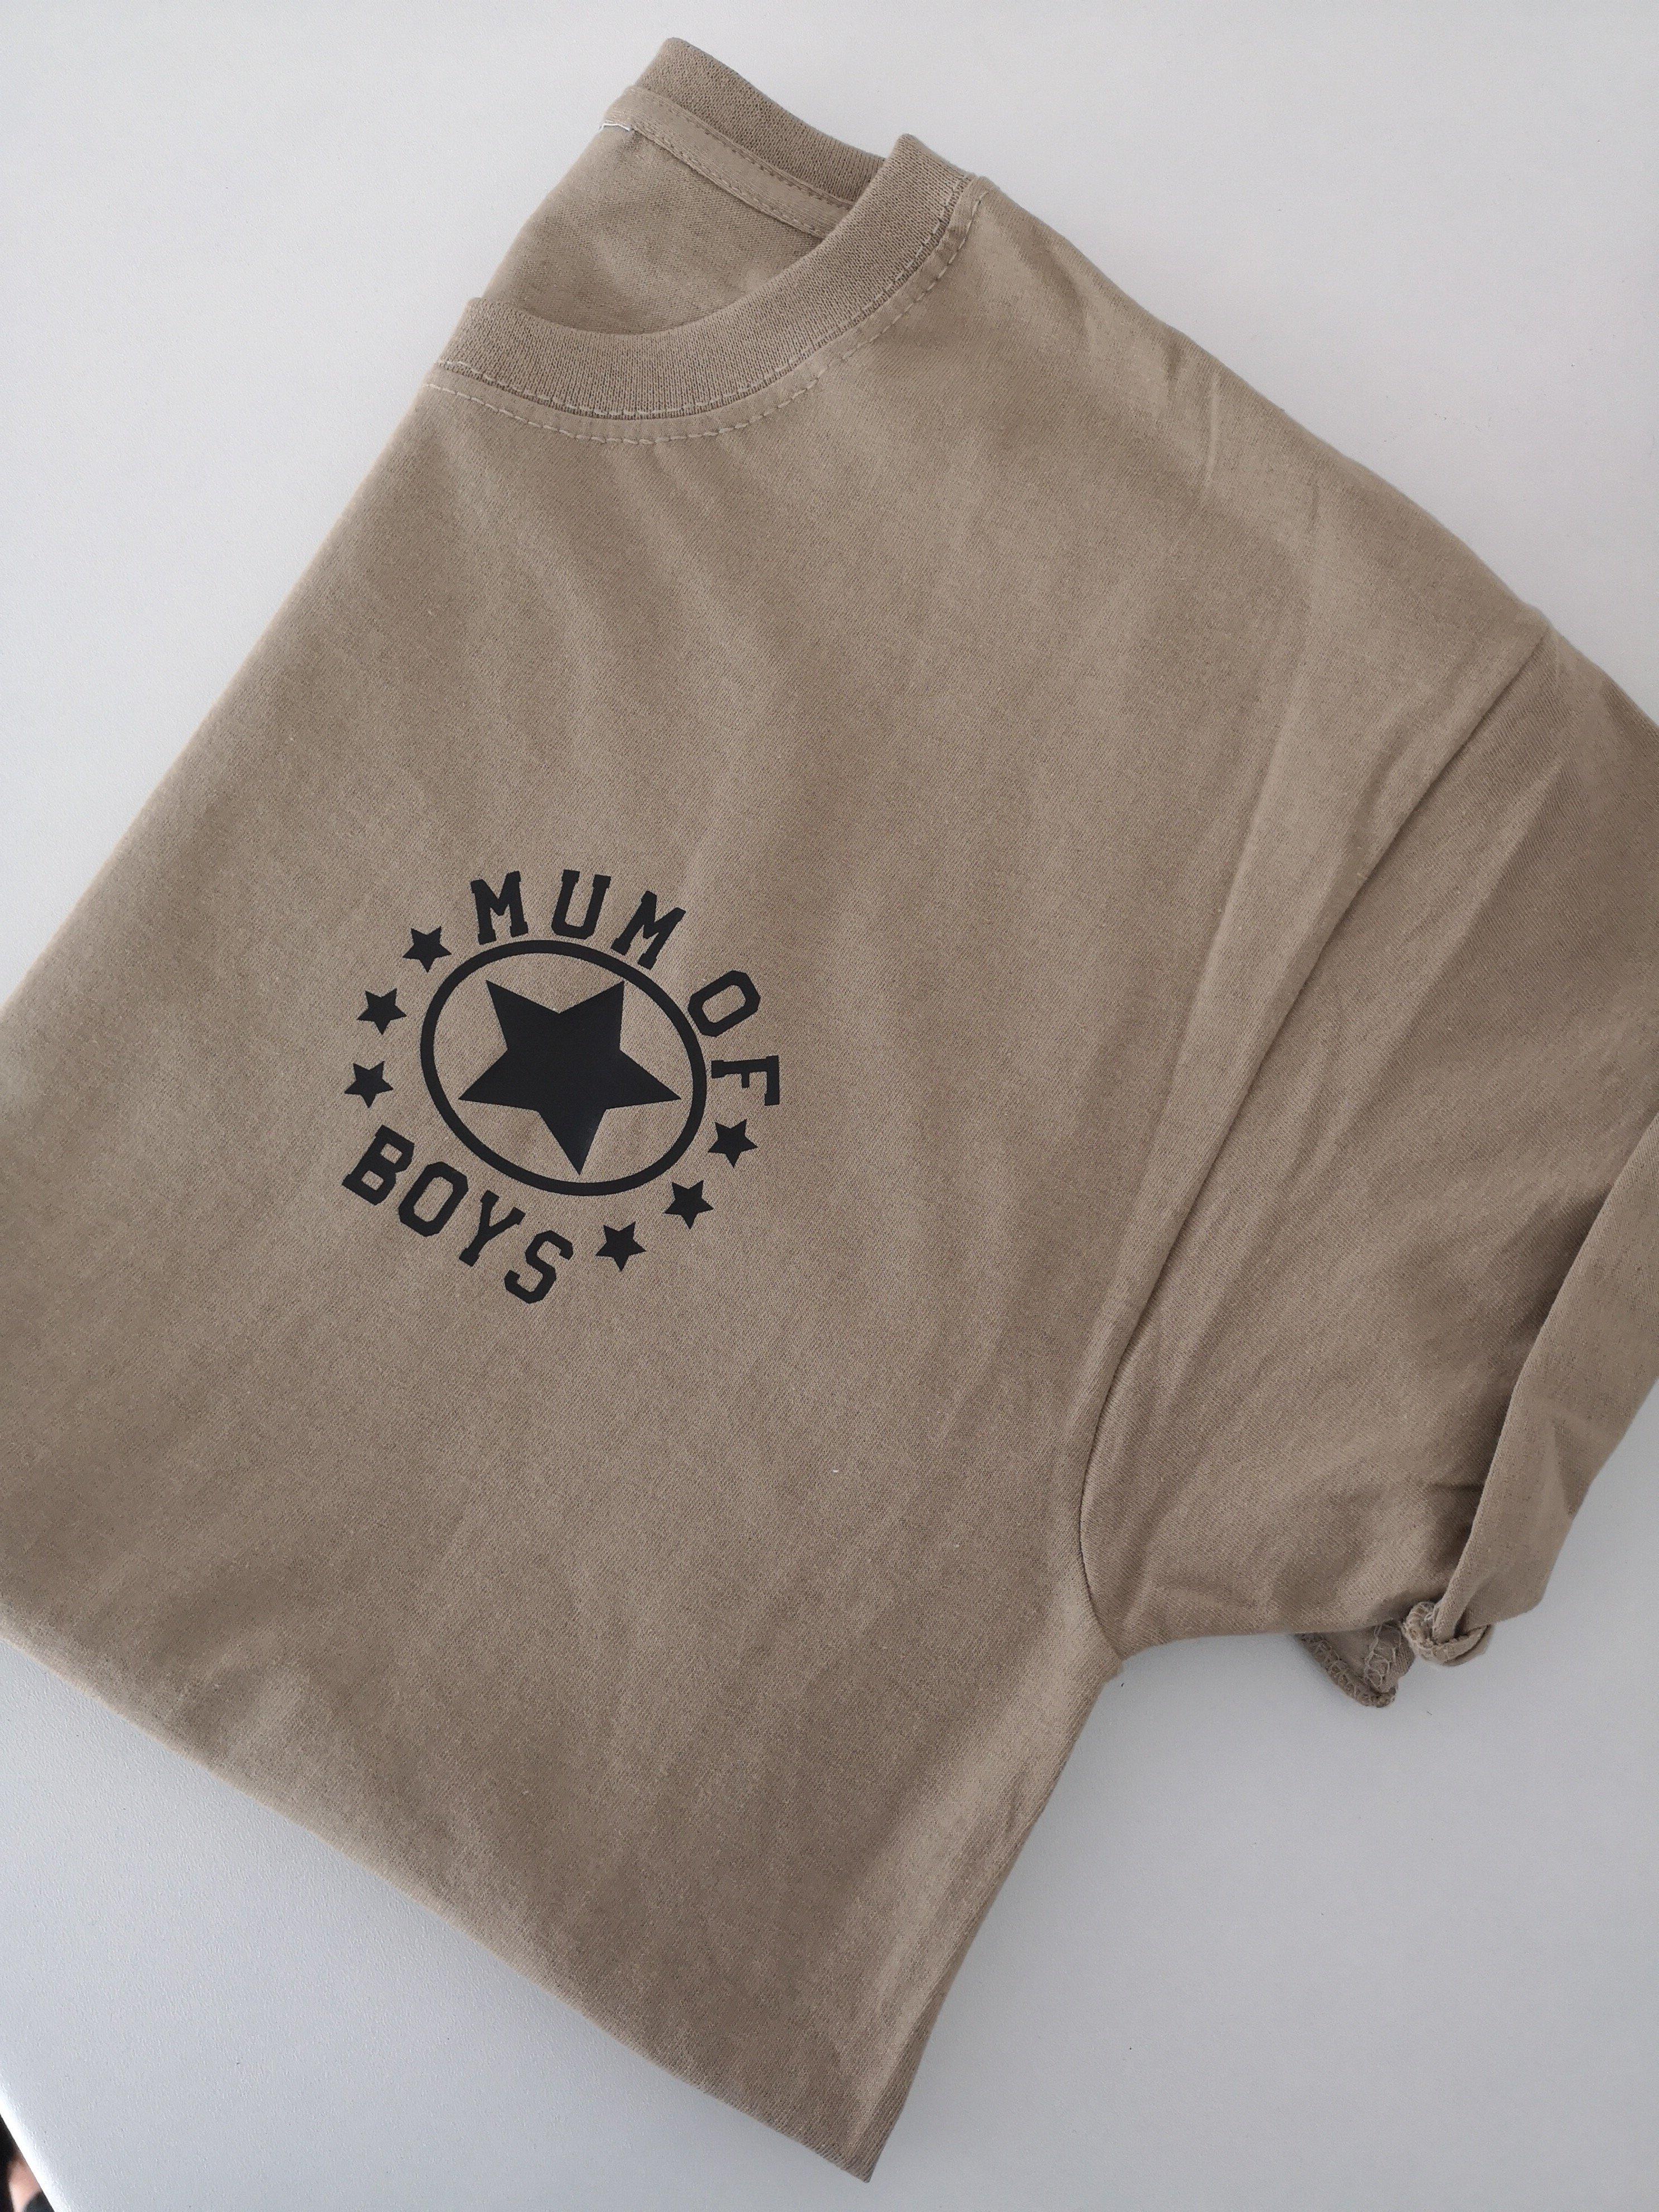 Mum of boys logo tshirt